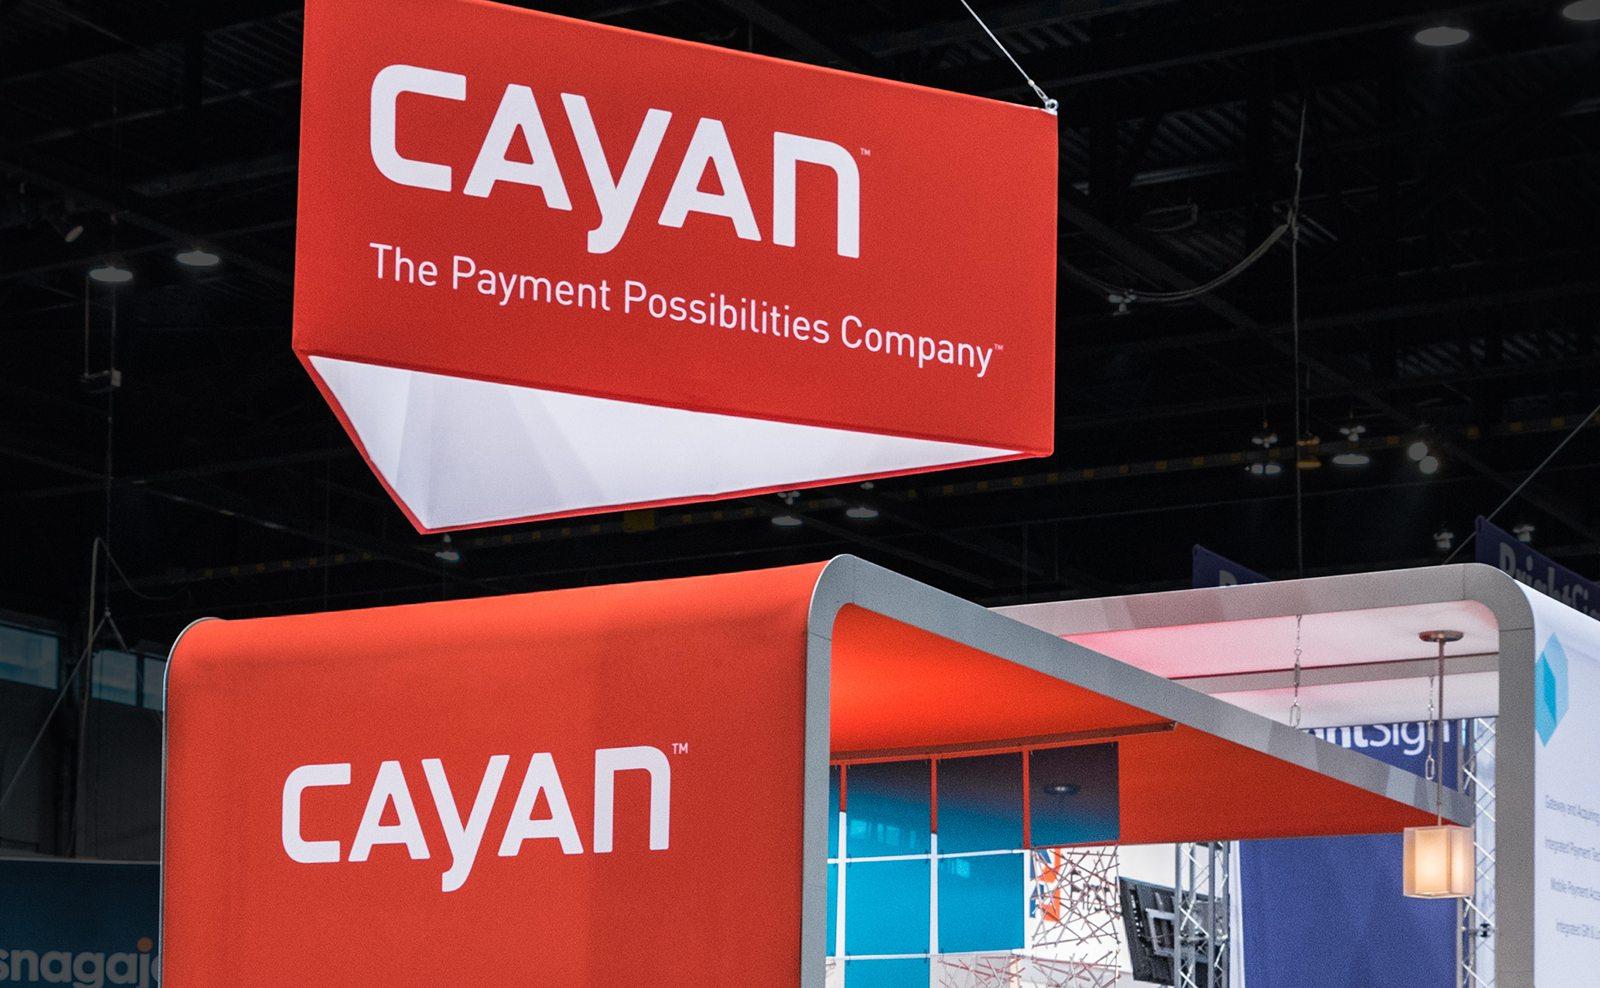 Cayan_hanging_sign